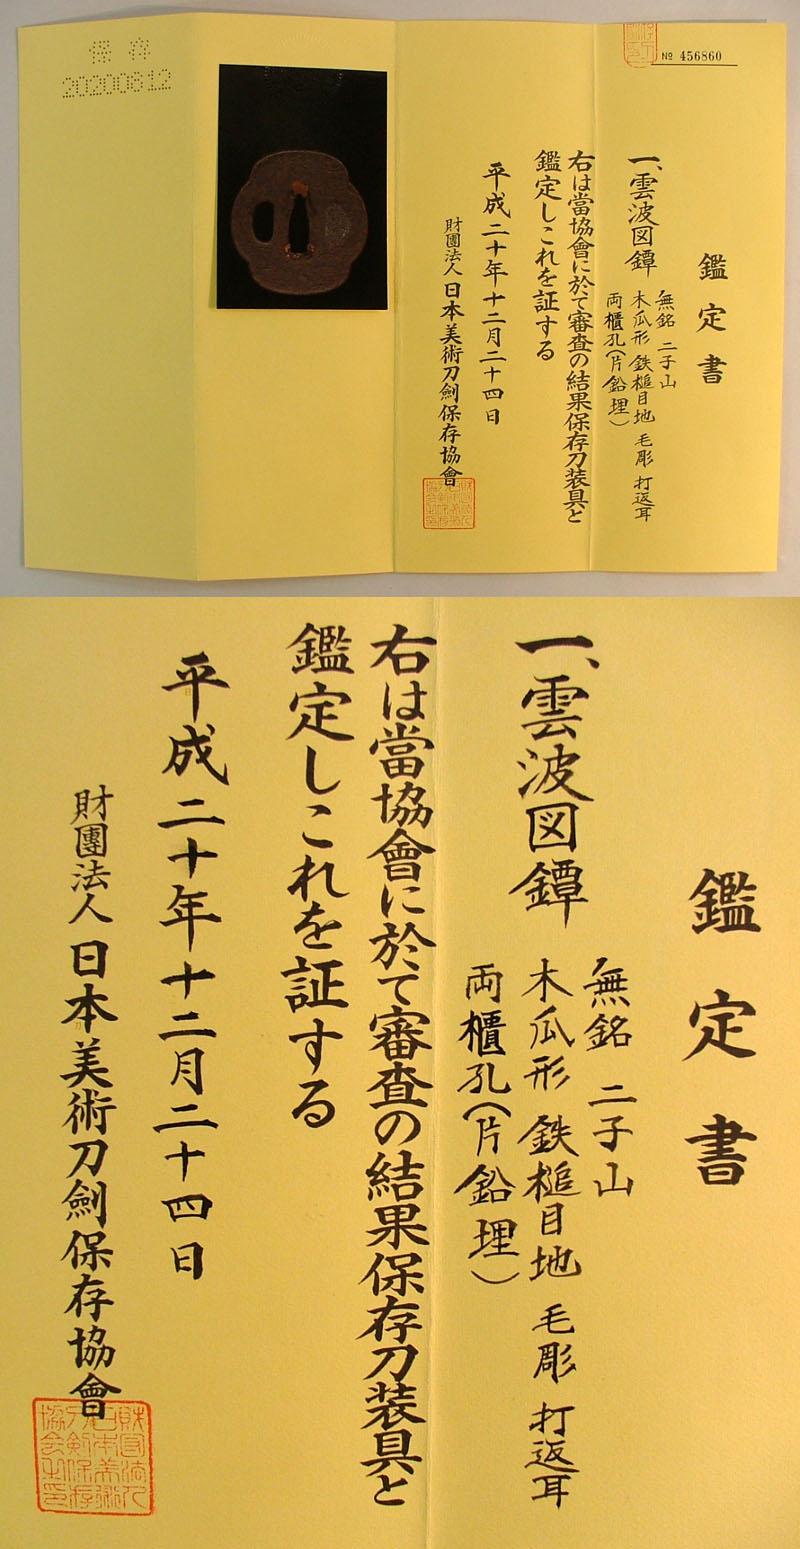 雲波図鐔 無銘 二子山鑑定書画像